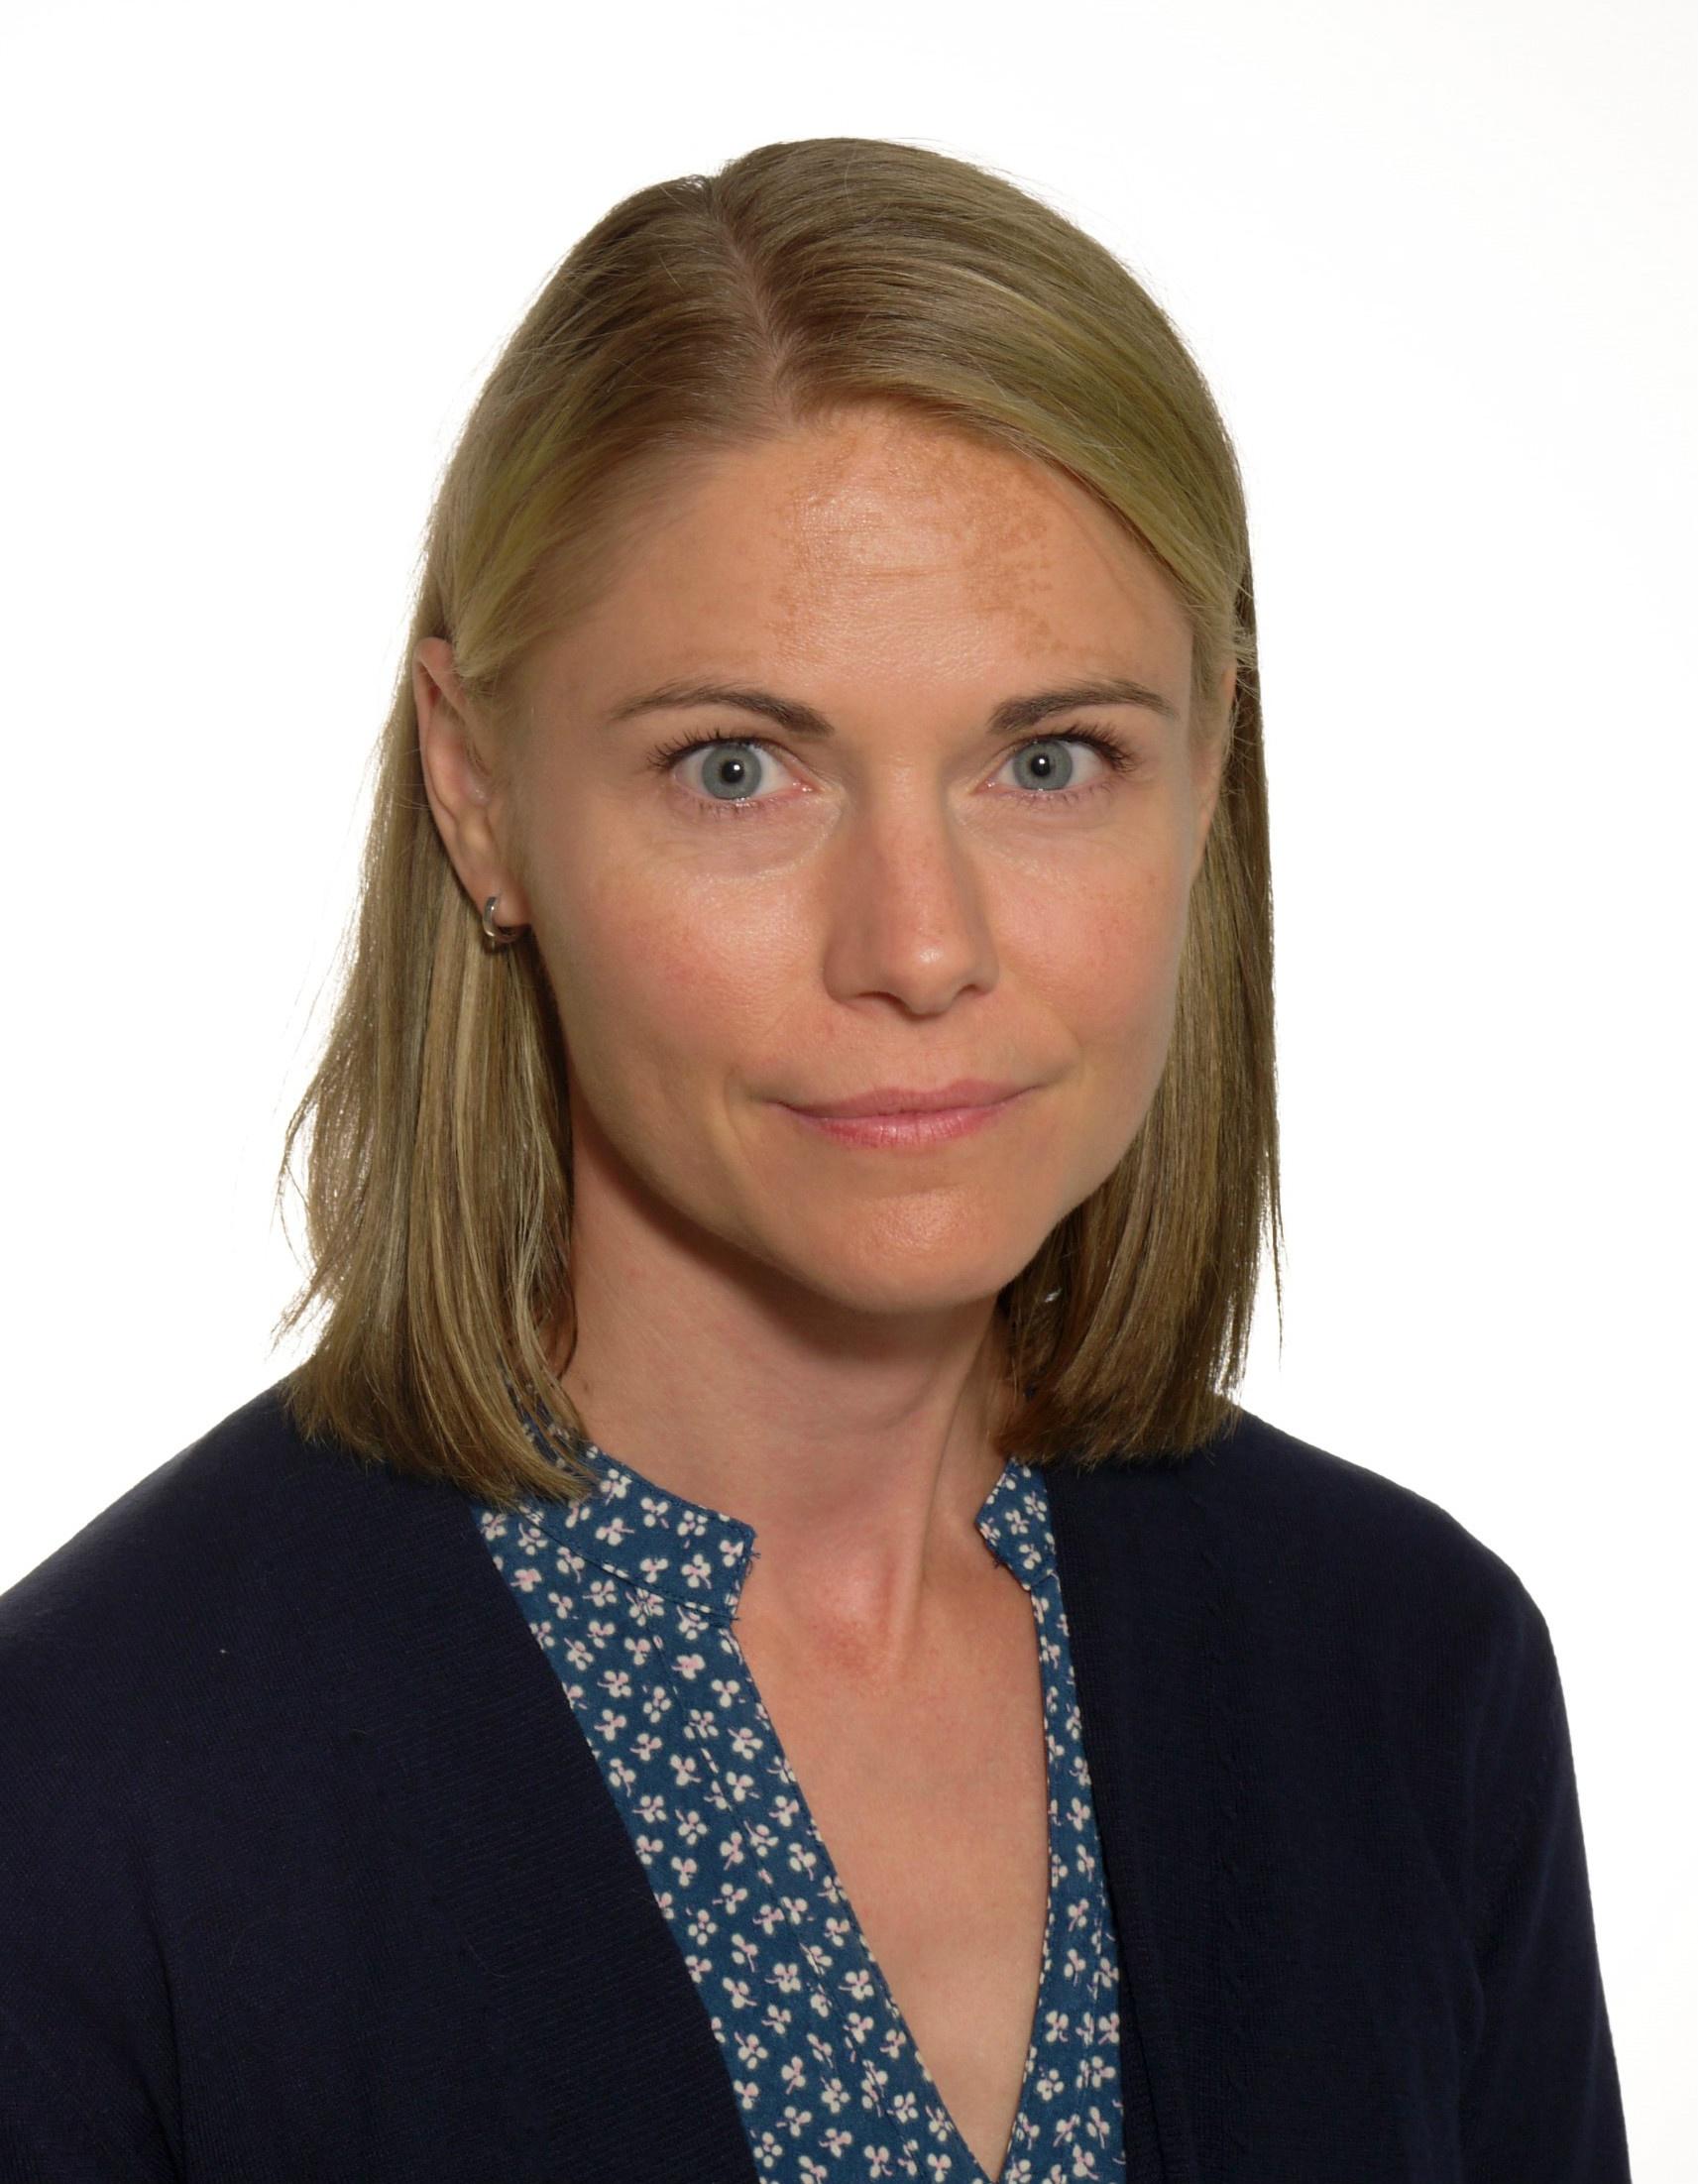 Susanne_Kjellstrom_I_sjalva_verket